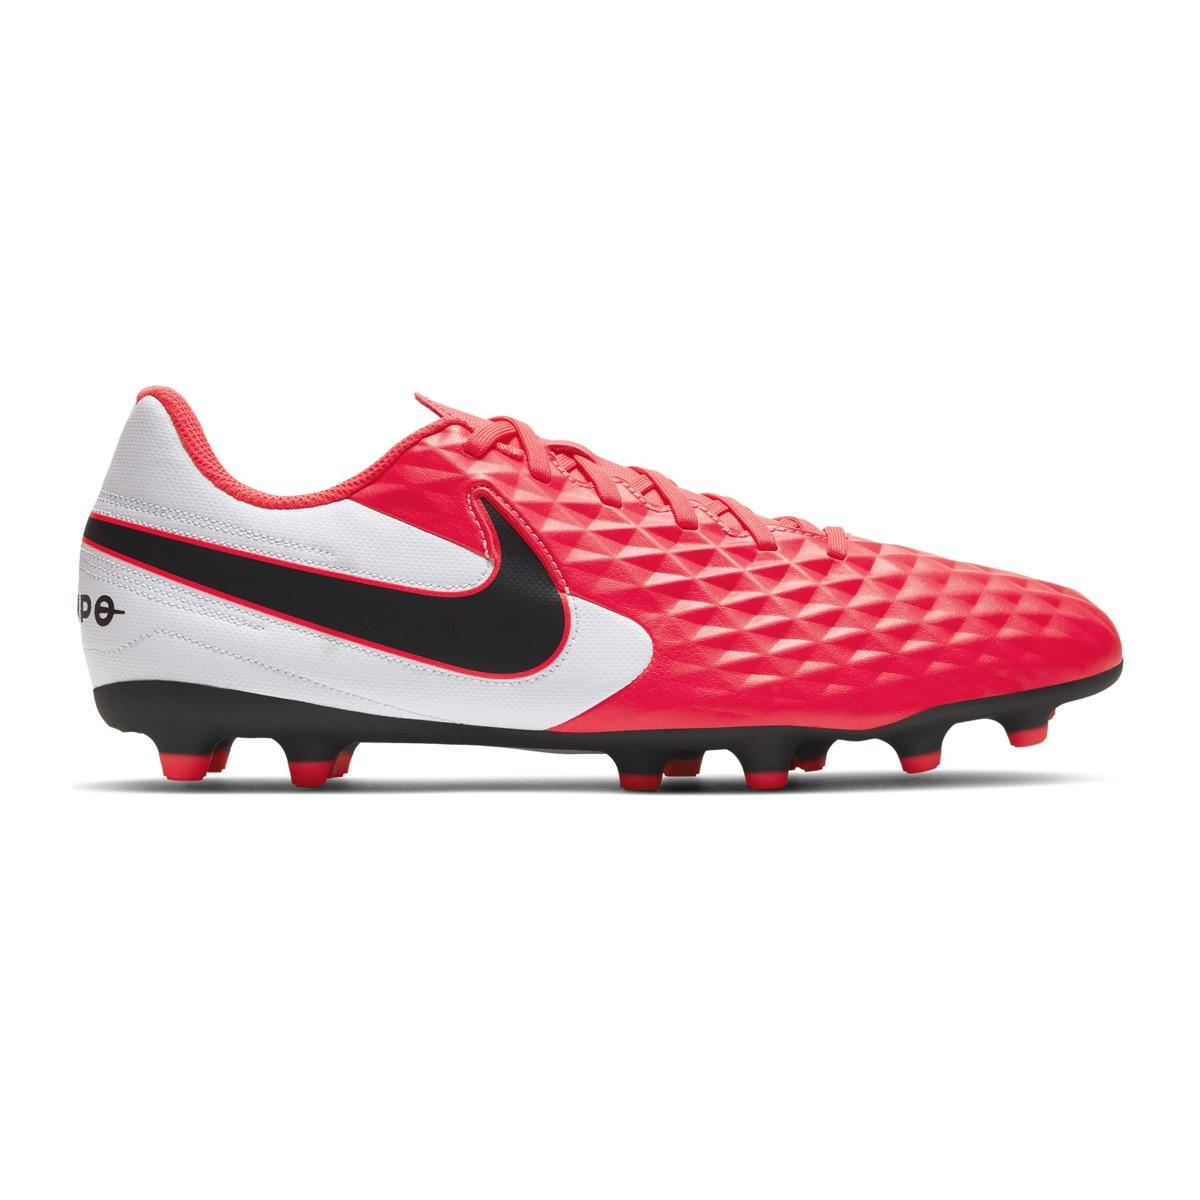 Botas de fútbol Nike Tiempo Legend 8 Club MG 19,95€